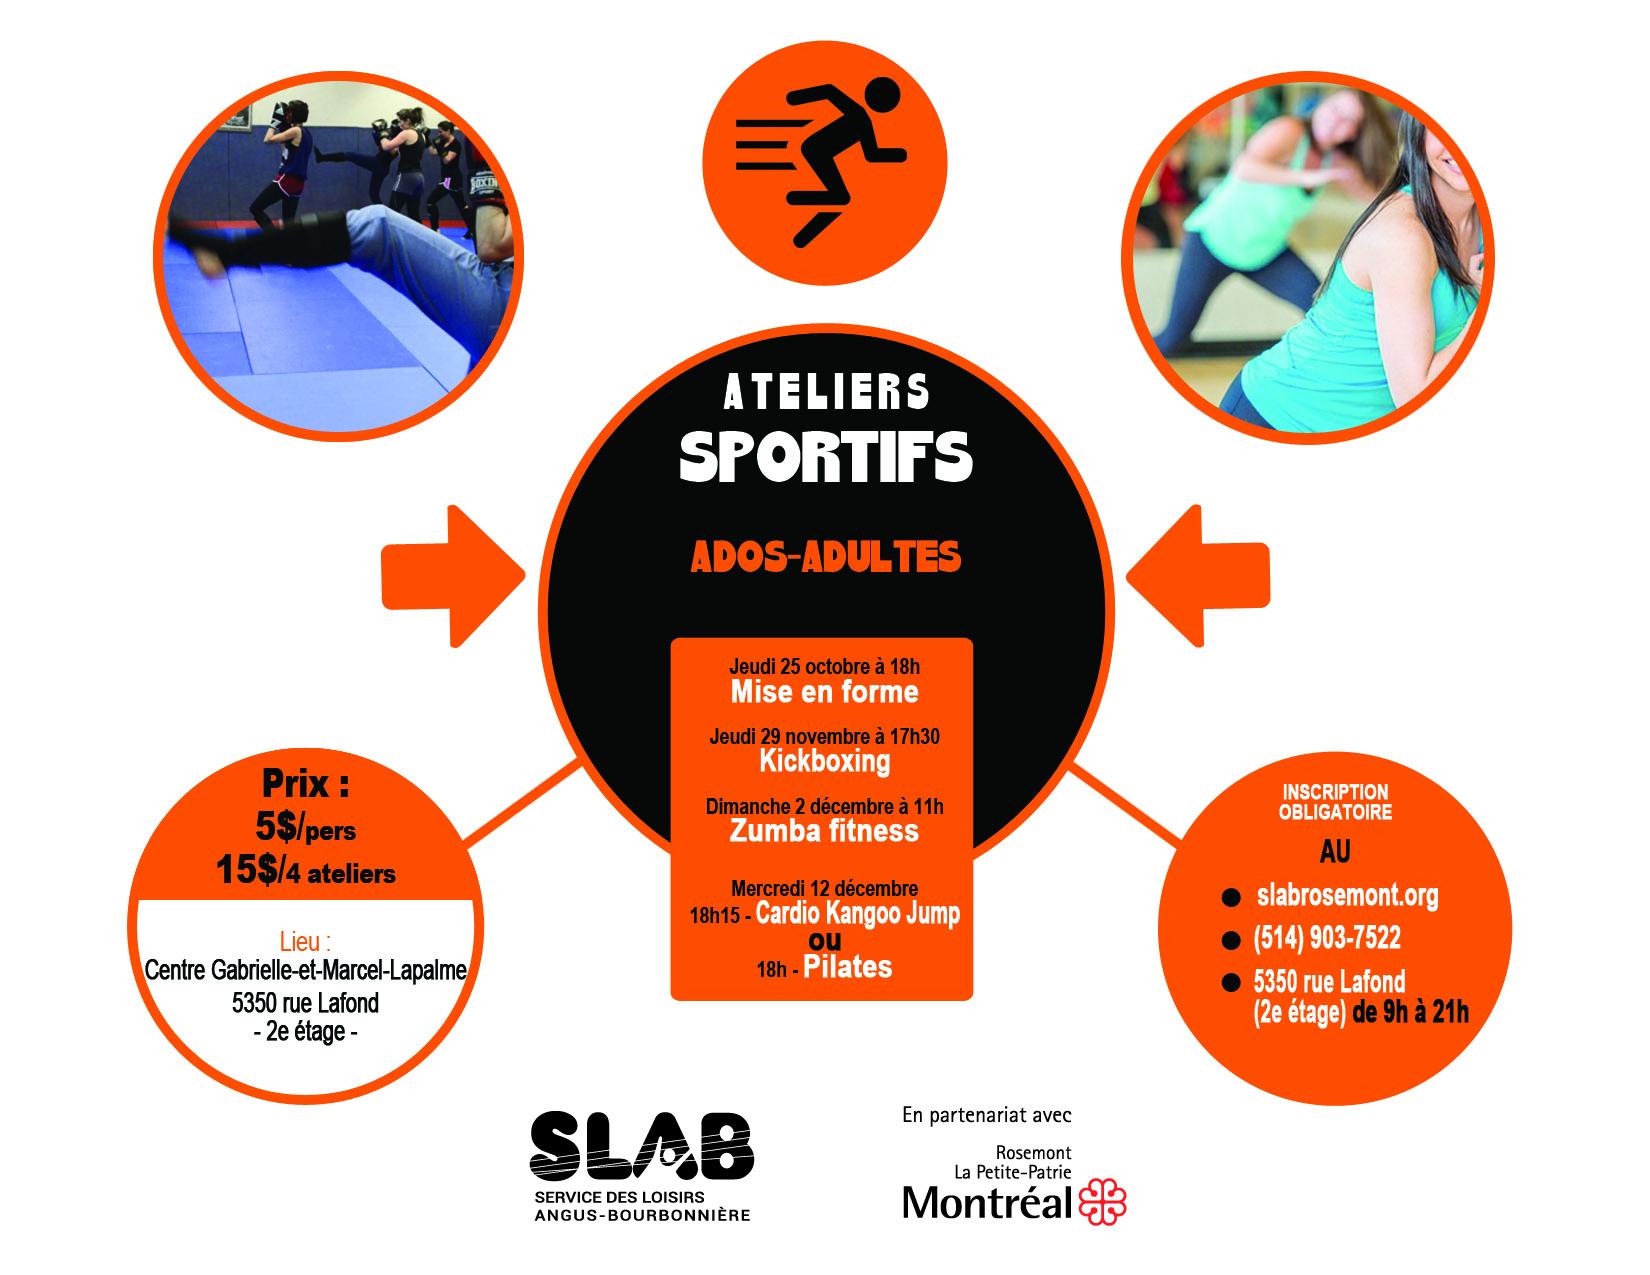 Matériel - Ateliers sportifs ado-adultes_